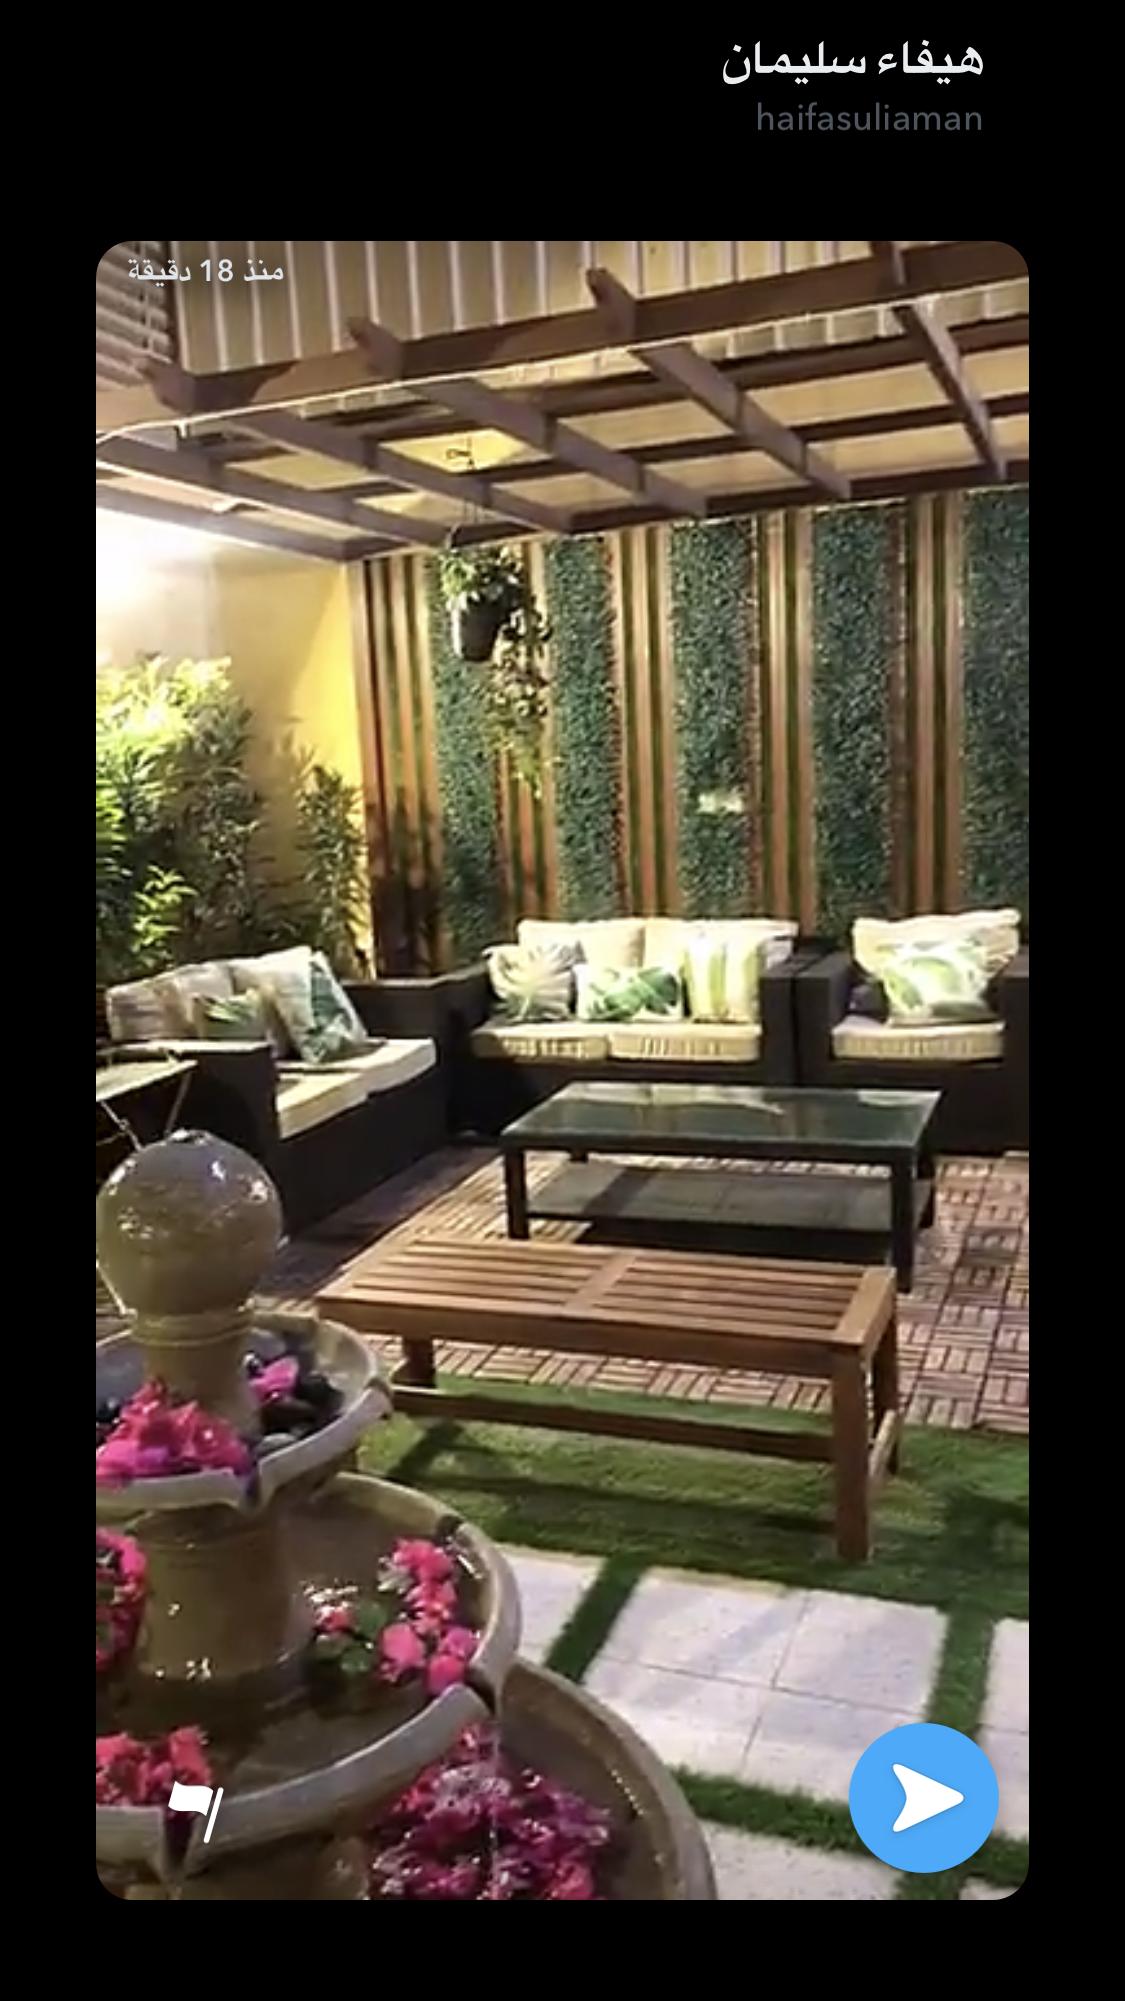 جلسة صغيرة في حديقة منزل مشاركة من متابعين ديكور اليوم نستقبل أفكاركم المنزلية ع Backyard Patio Designs Garden Lighting Design Furniture Design Living Room